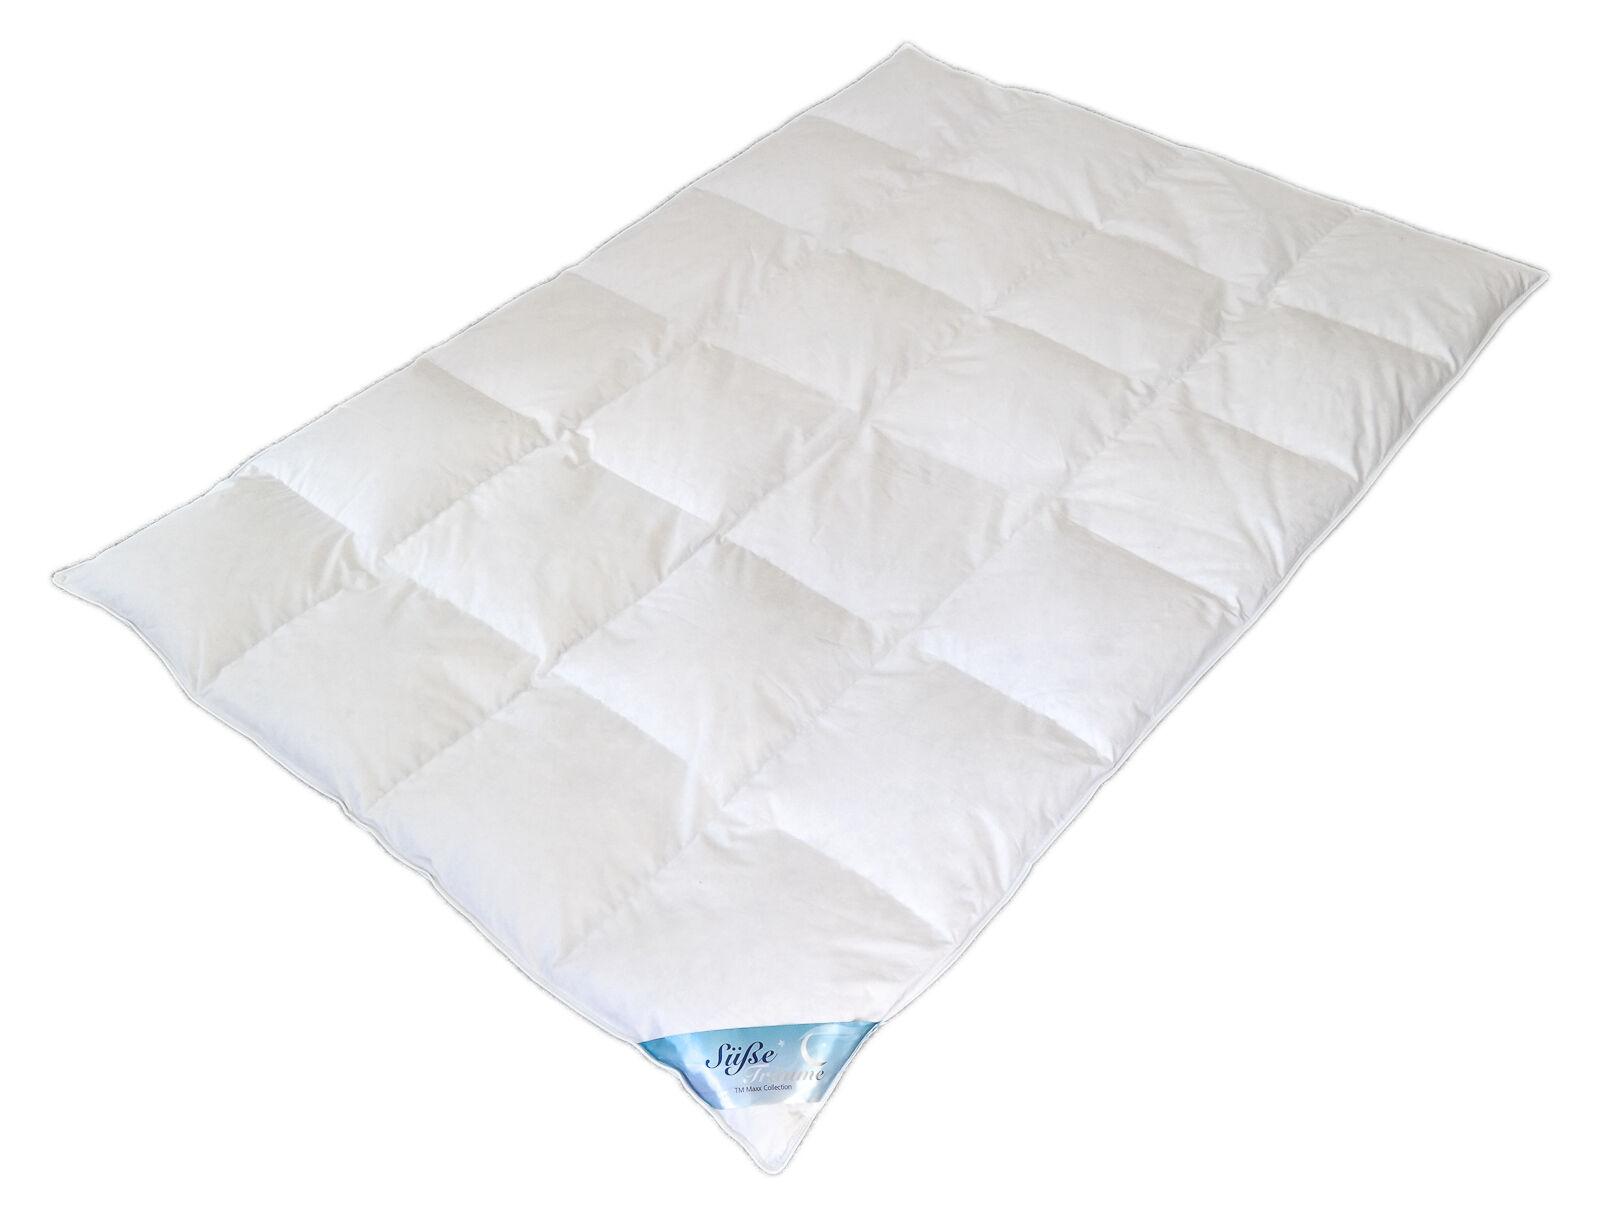 Edredón Plumón Manta De Verano Cobertor 60% Plumón Edredón + 40% PLUMA 800g 155x220 616efb